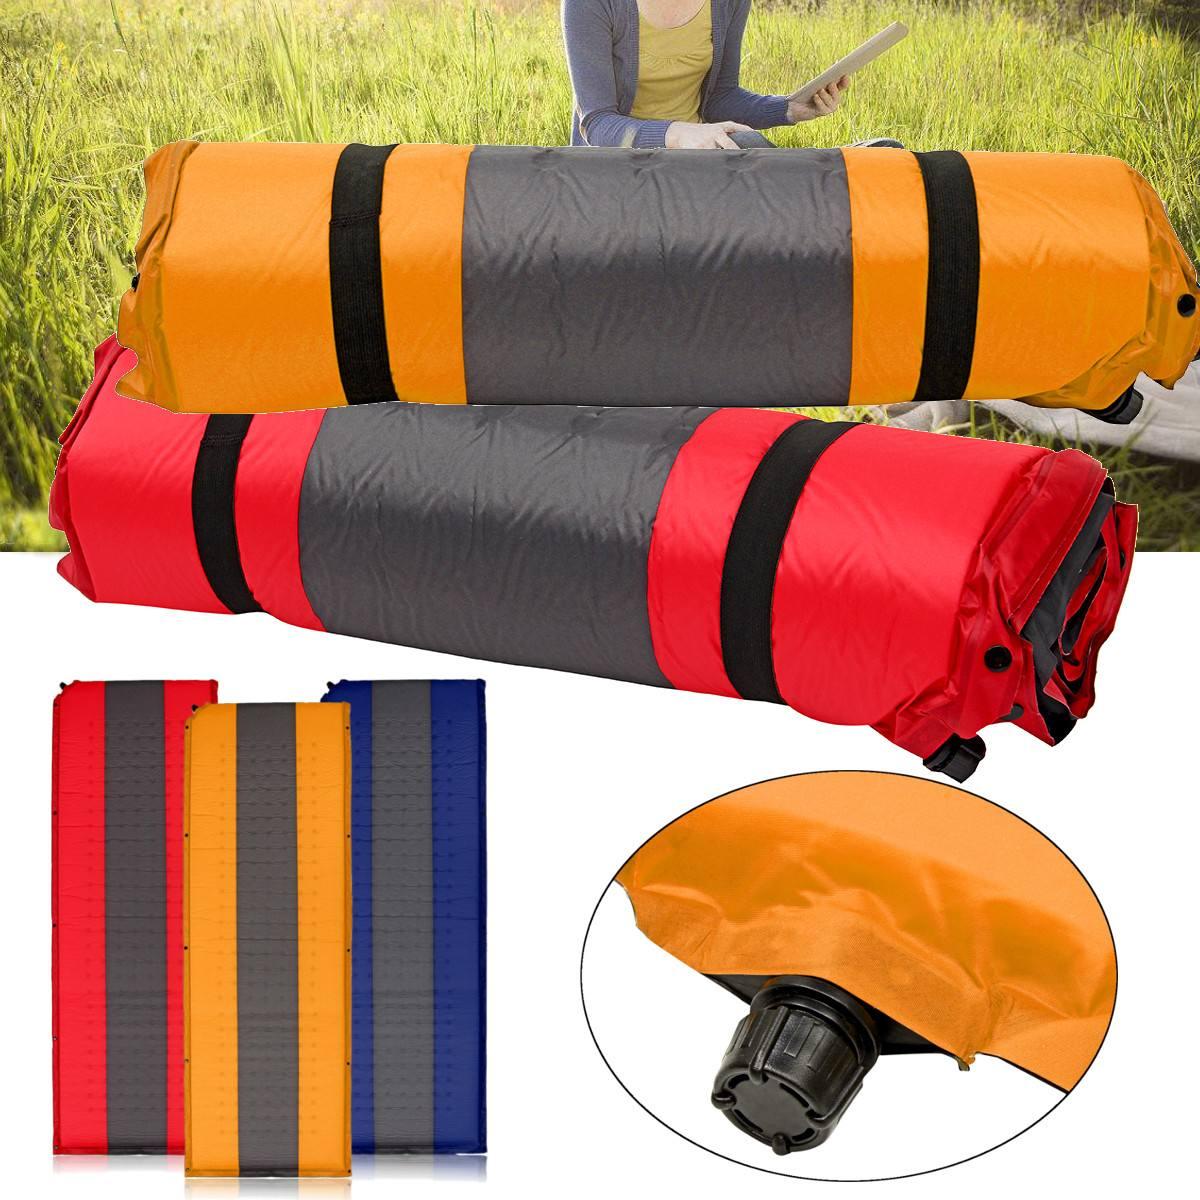 Grand pliable auto gonflant en plein air Camping tapis pique-nique Pad gonflable matelas de couchage sac à dos voyage 3 couleurs 190x66x5 cm